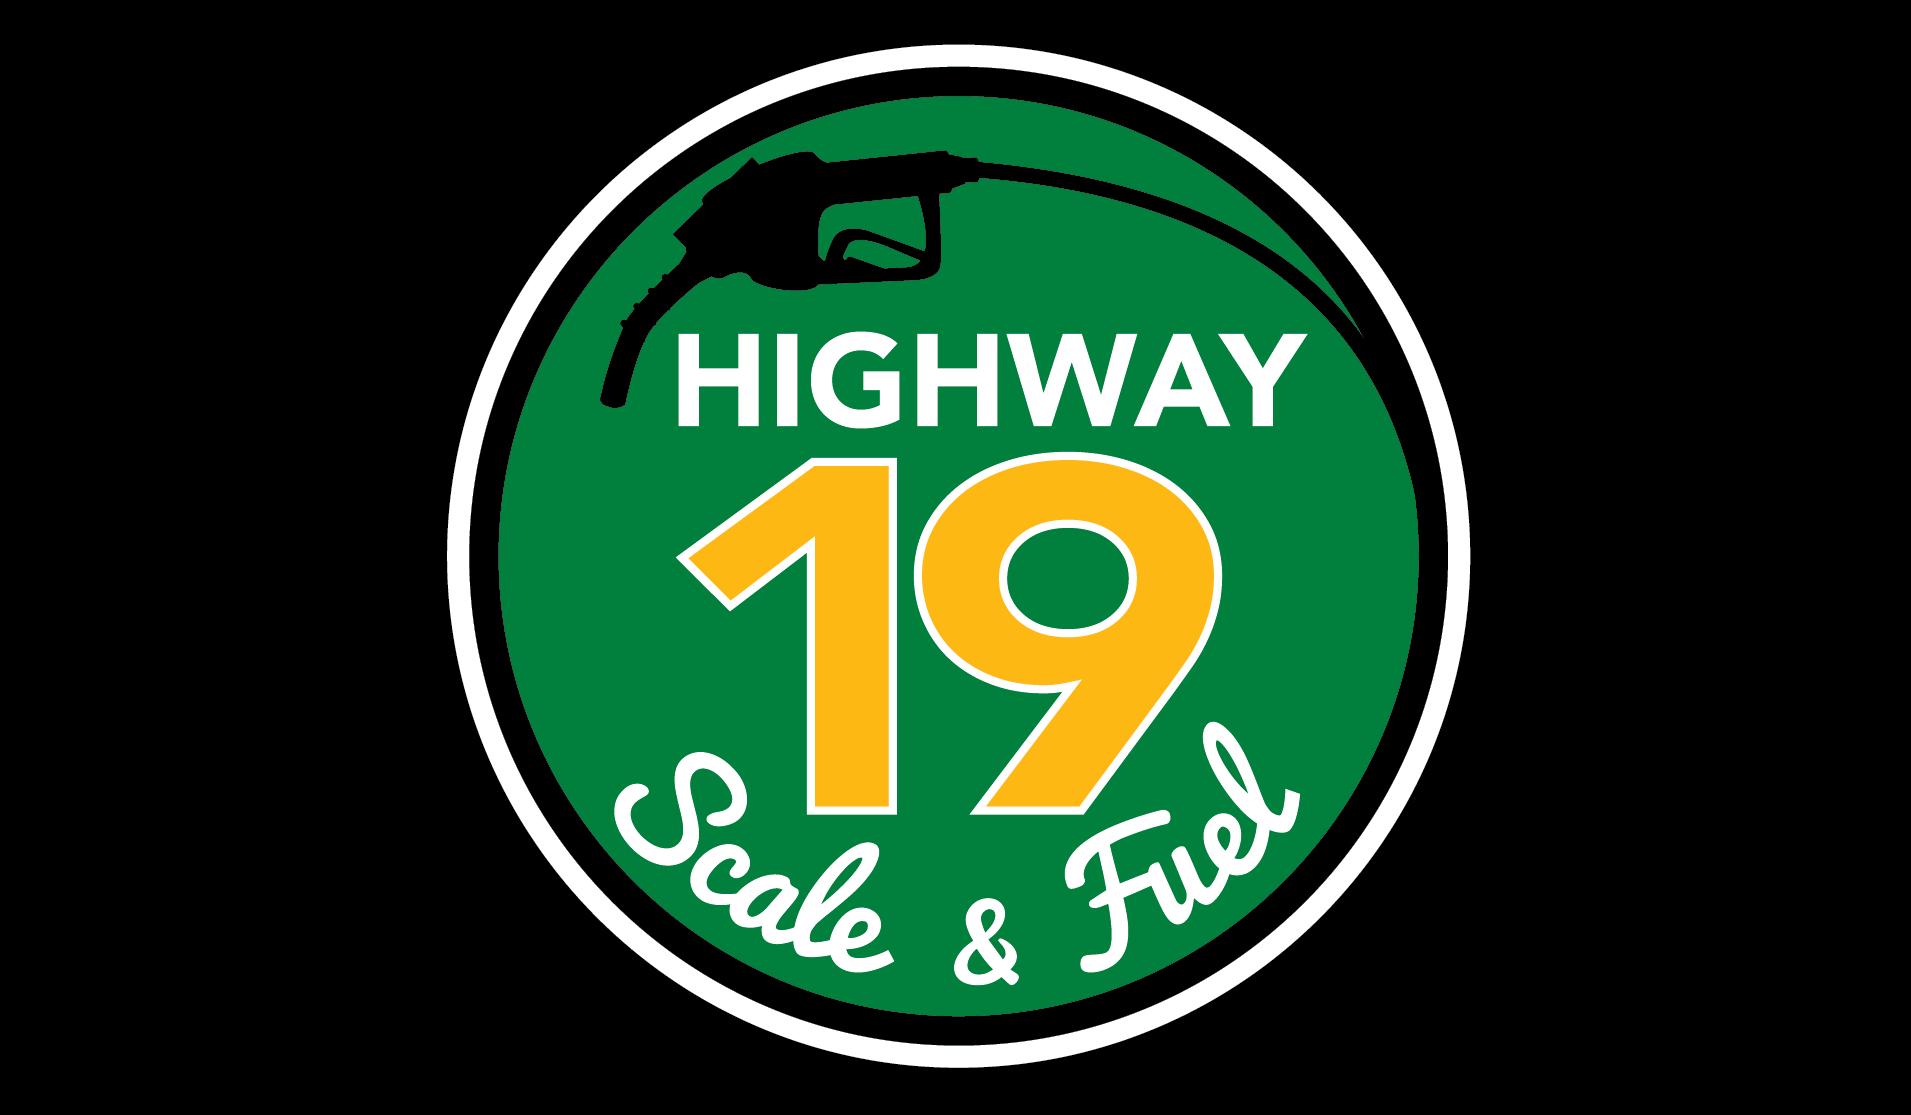 Bartel's Highway 19 Fuel logo